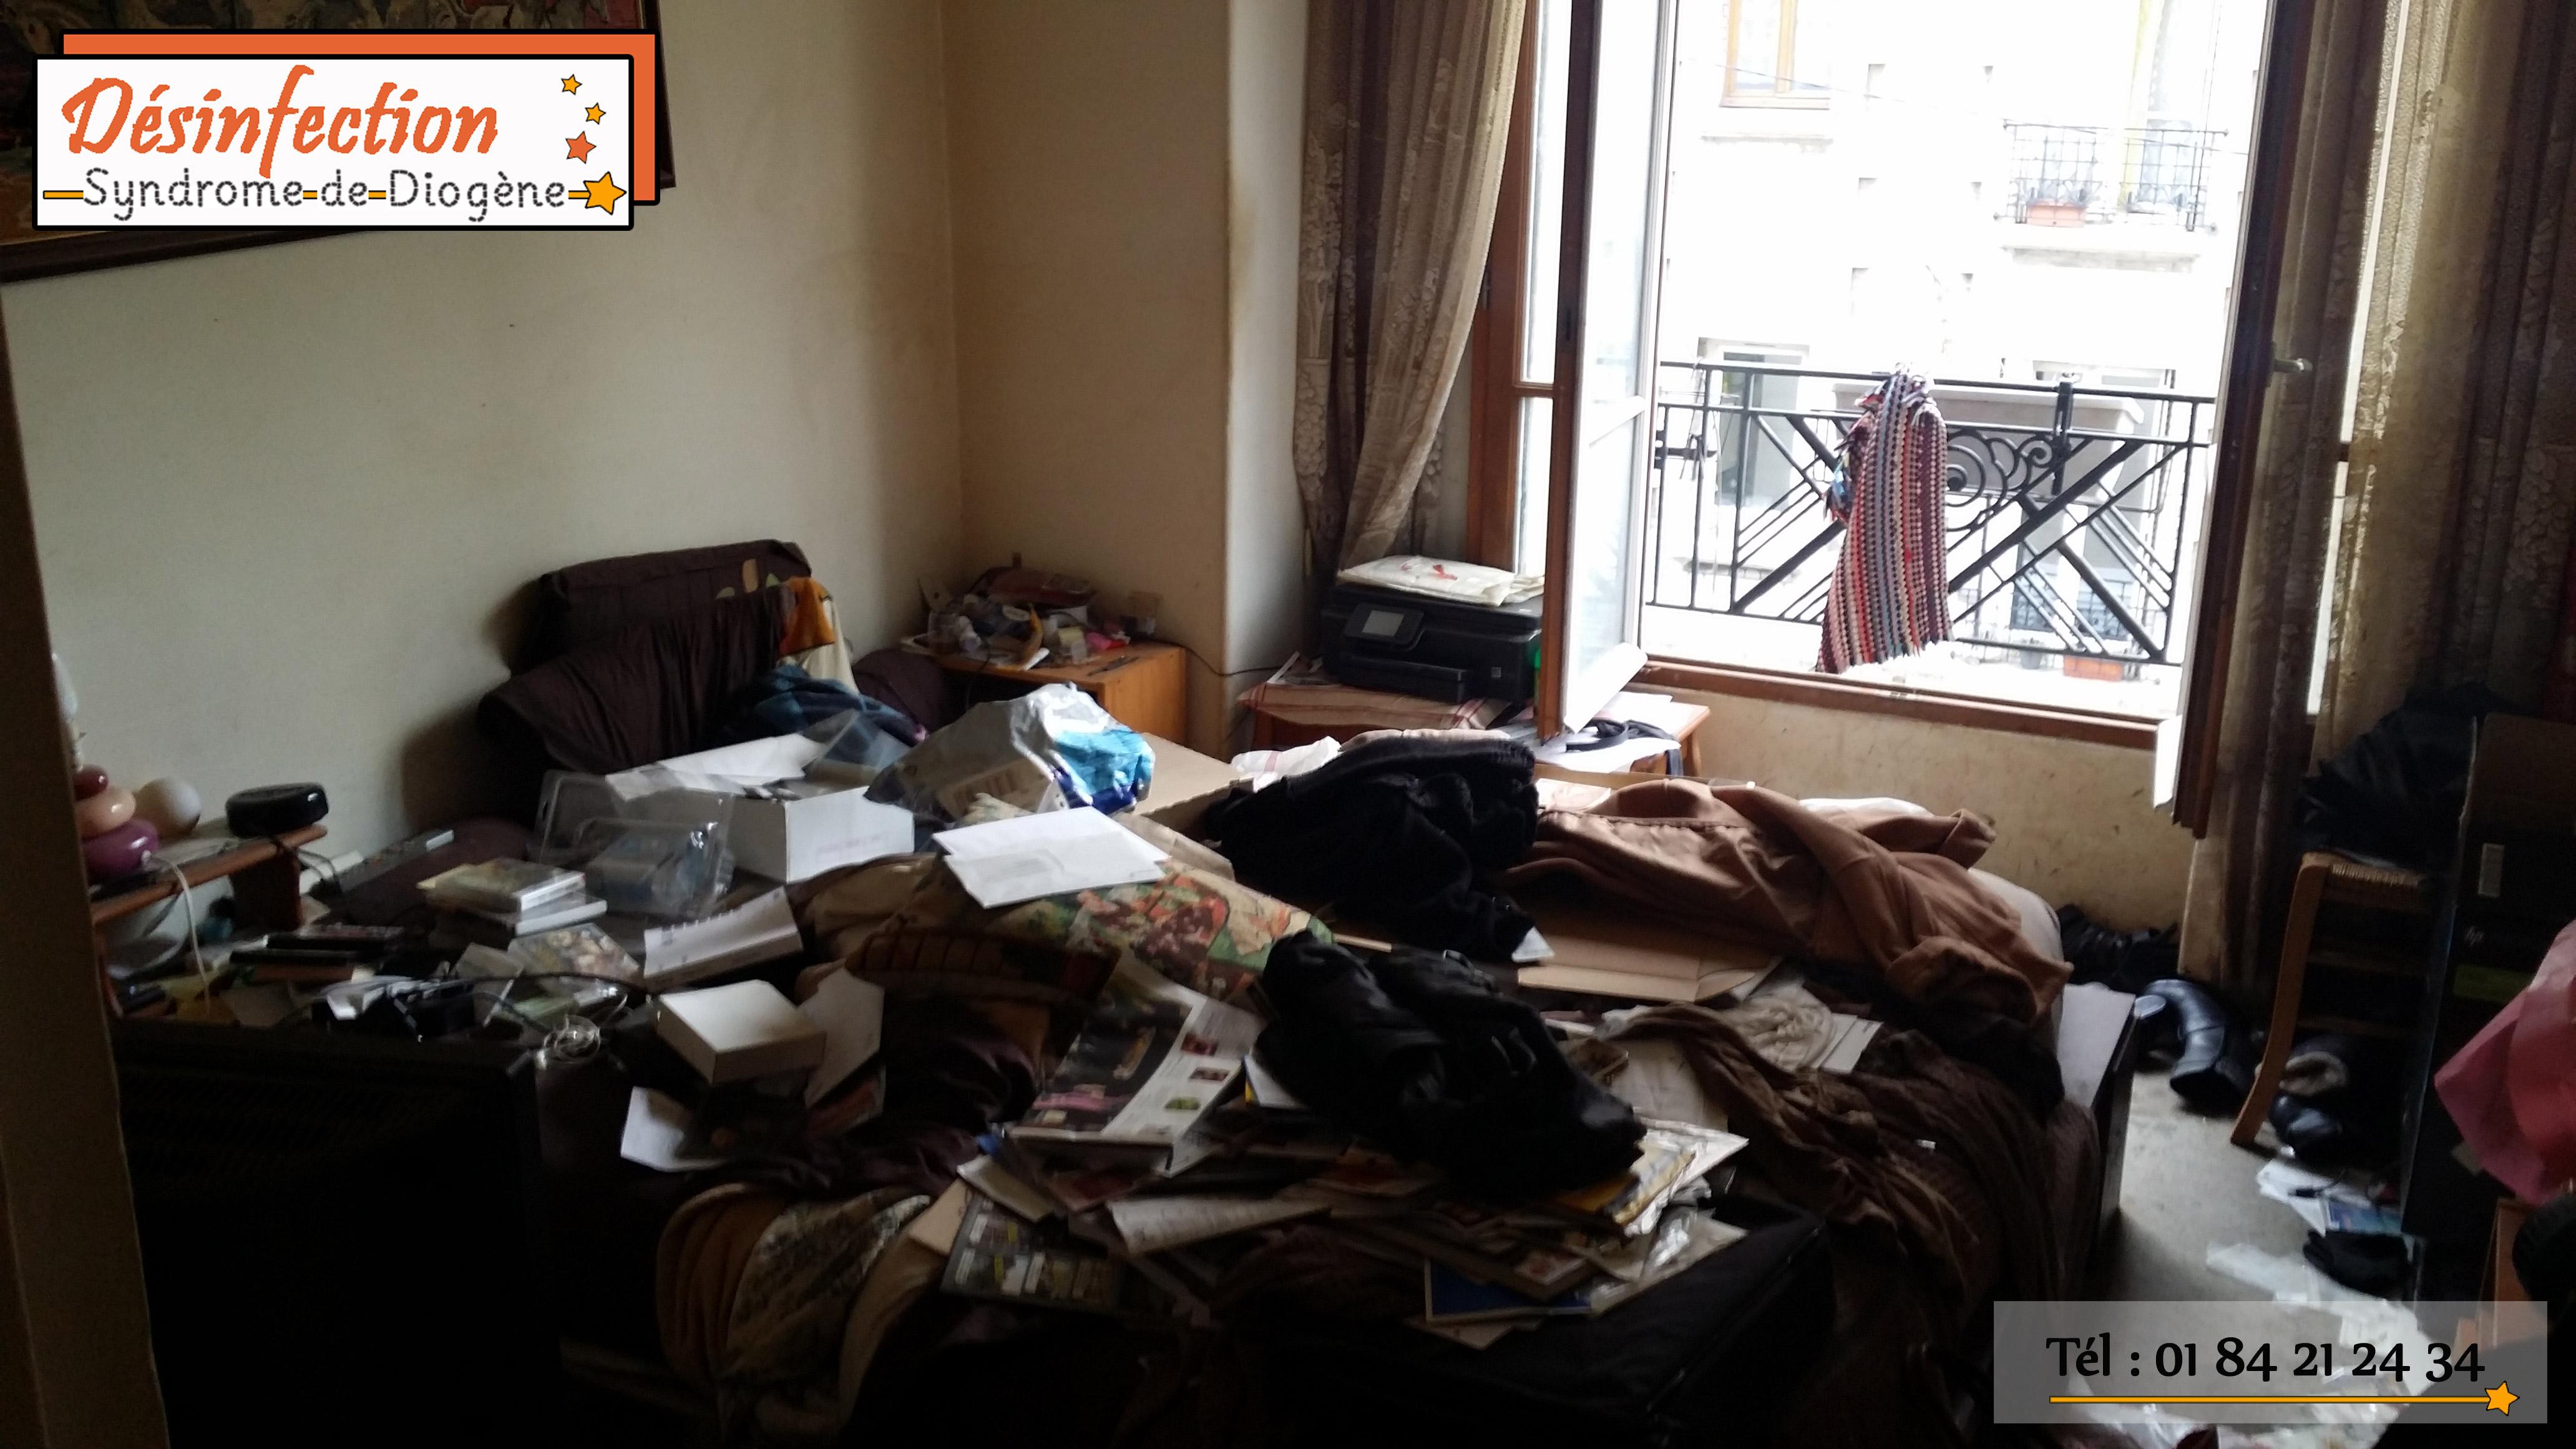 Entreprise pour débarrasser un logement d'une personne atteinte d'un syndrome de Diogène.